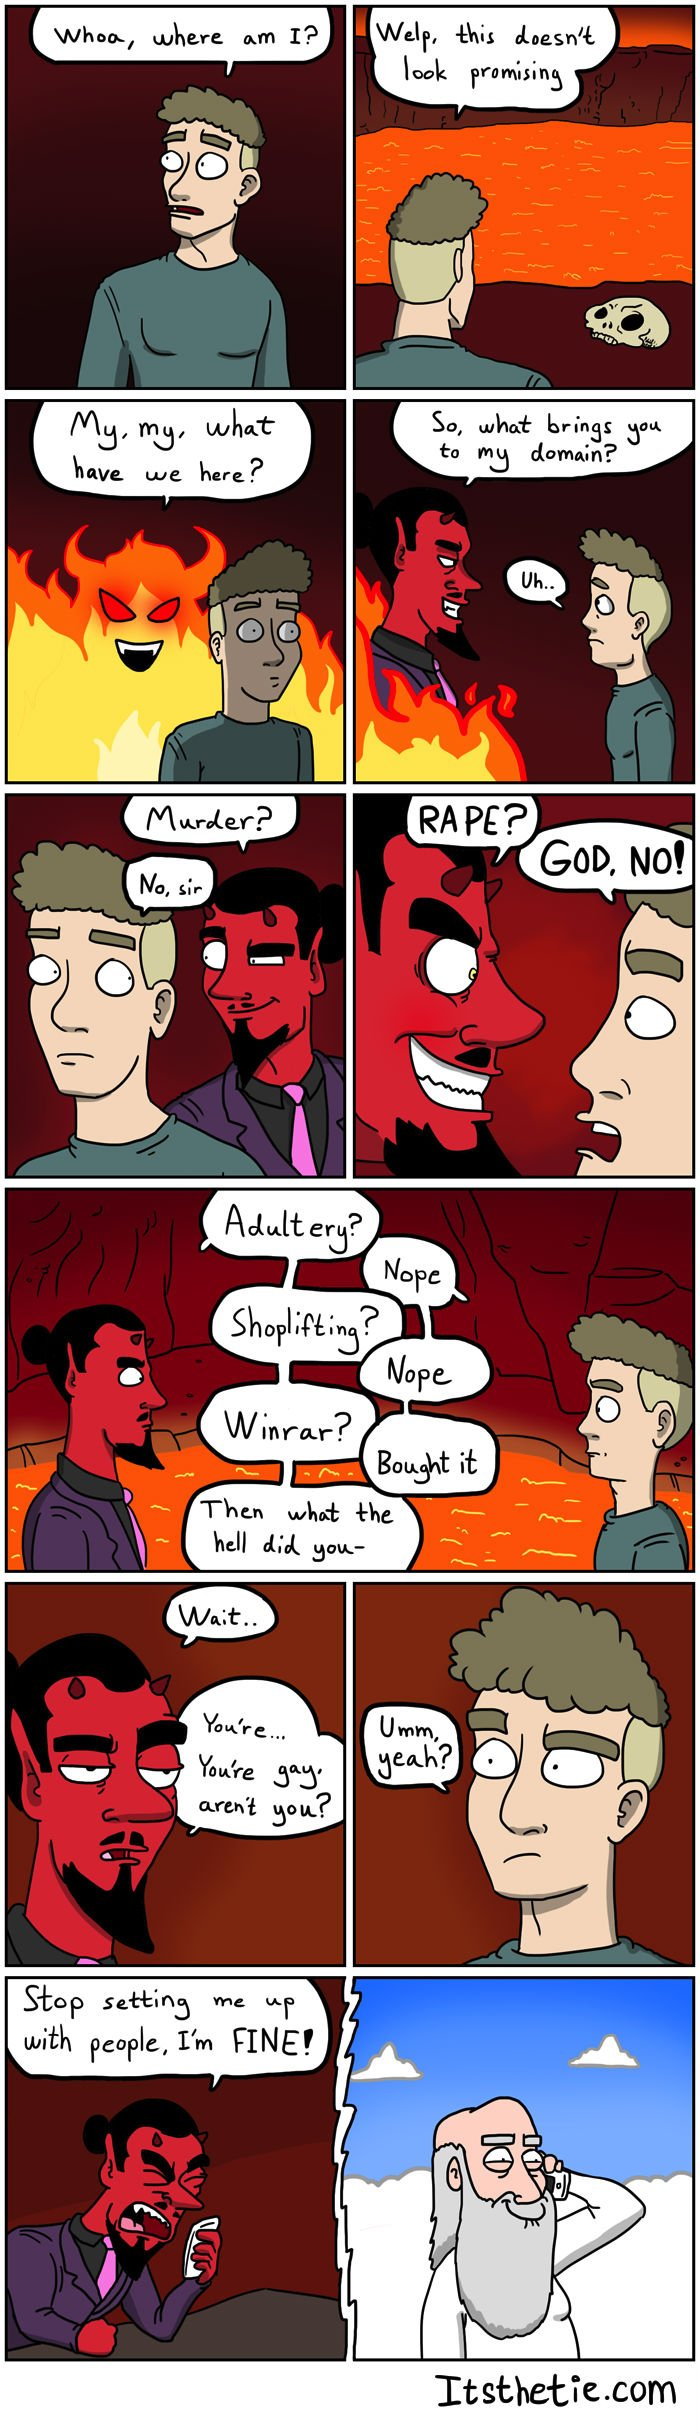 L'enfer puni les gays